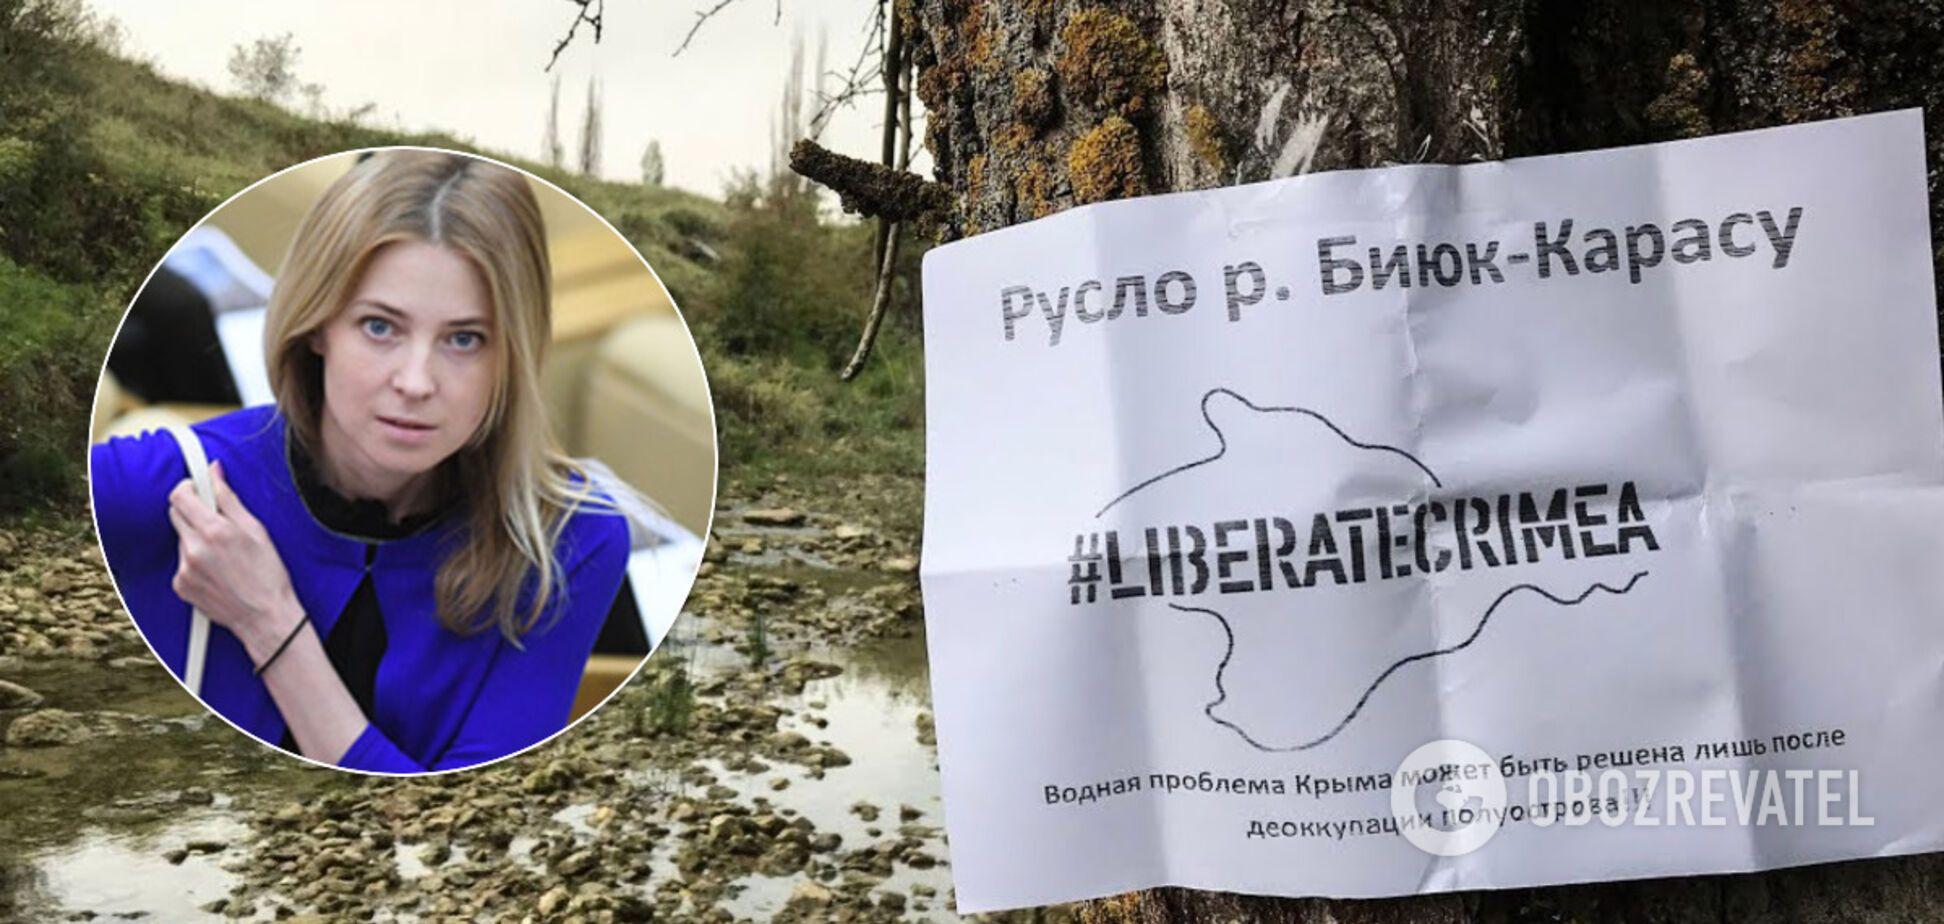 В Крыму назрела катастрофа из-за недостатка воды: в России забили тревогу